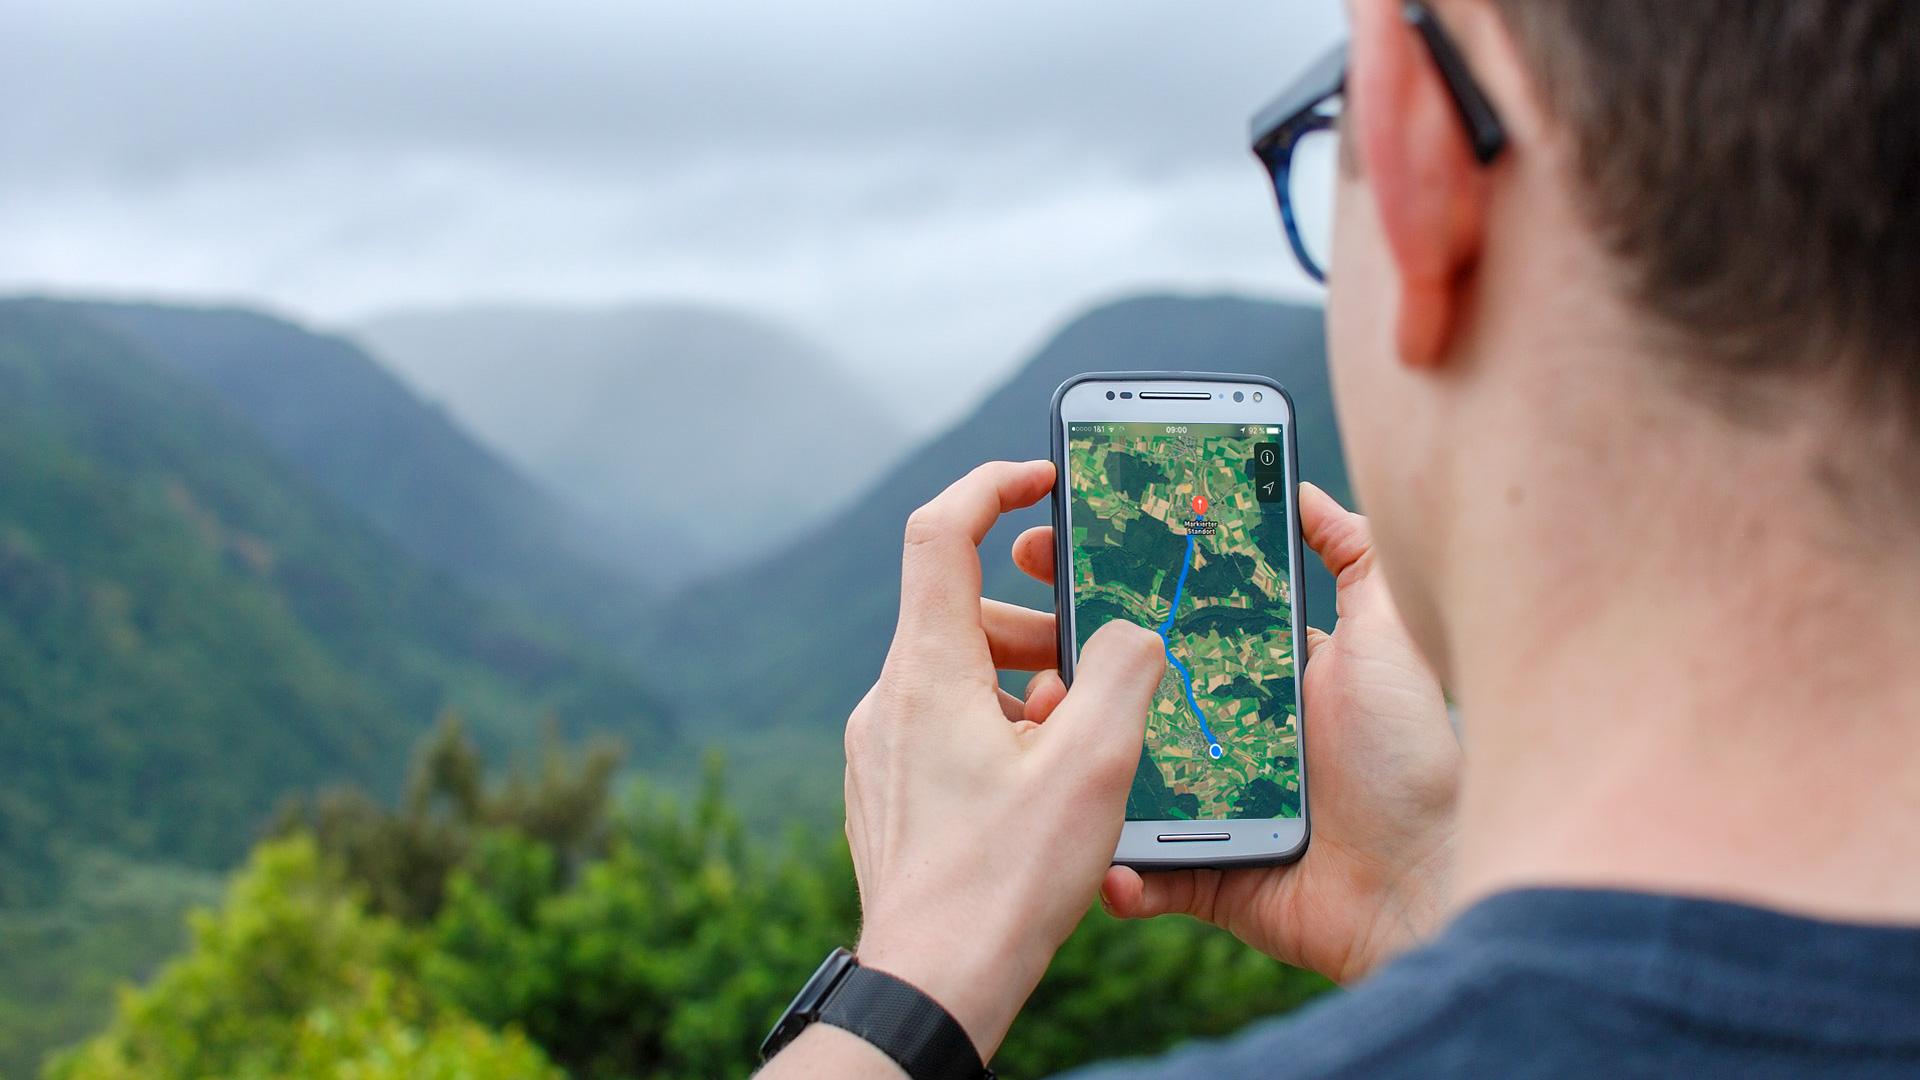 Mit dem Smartphone im Urlaub: das sollten Sie wissen